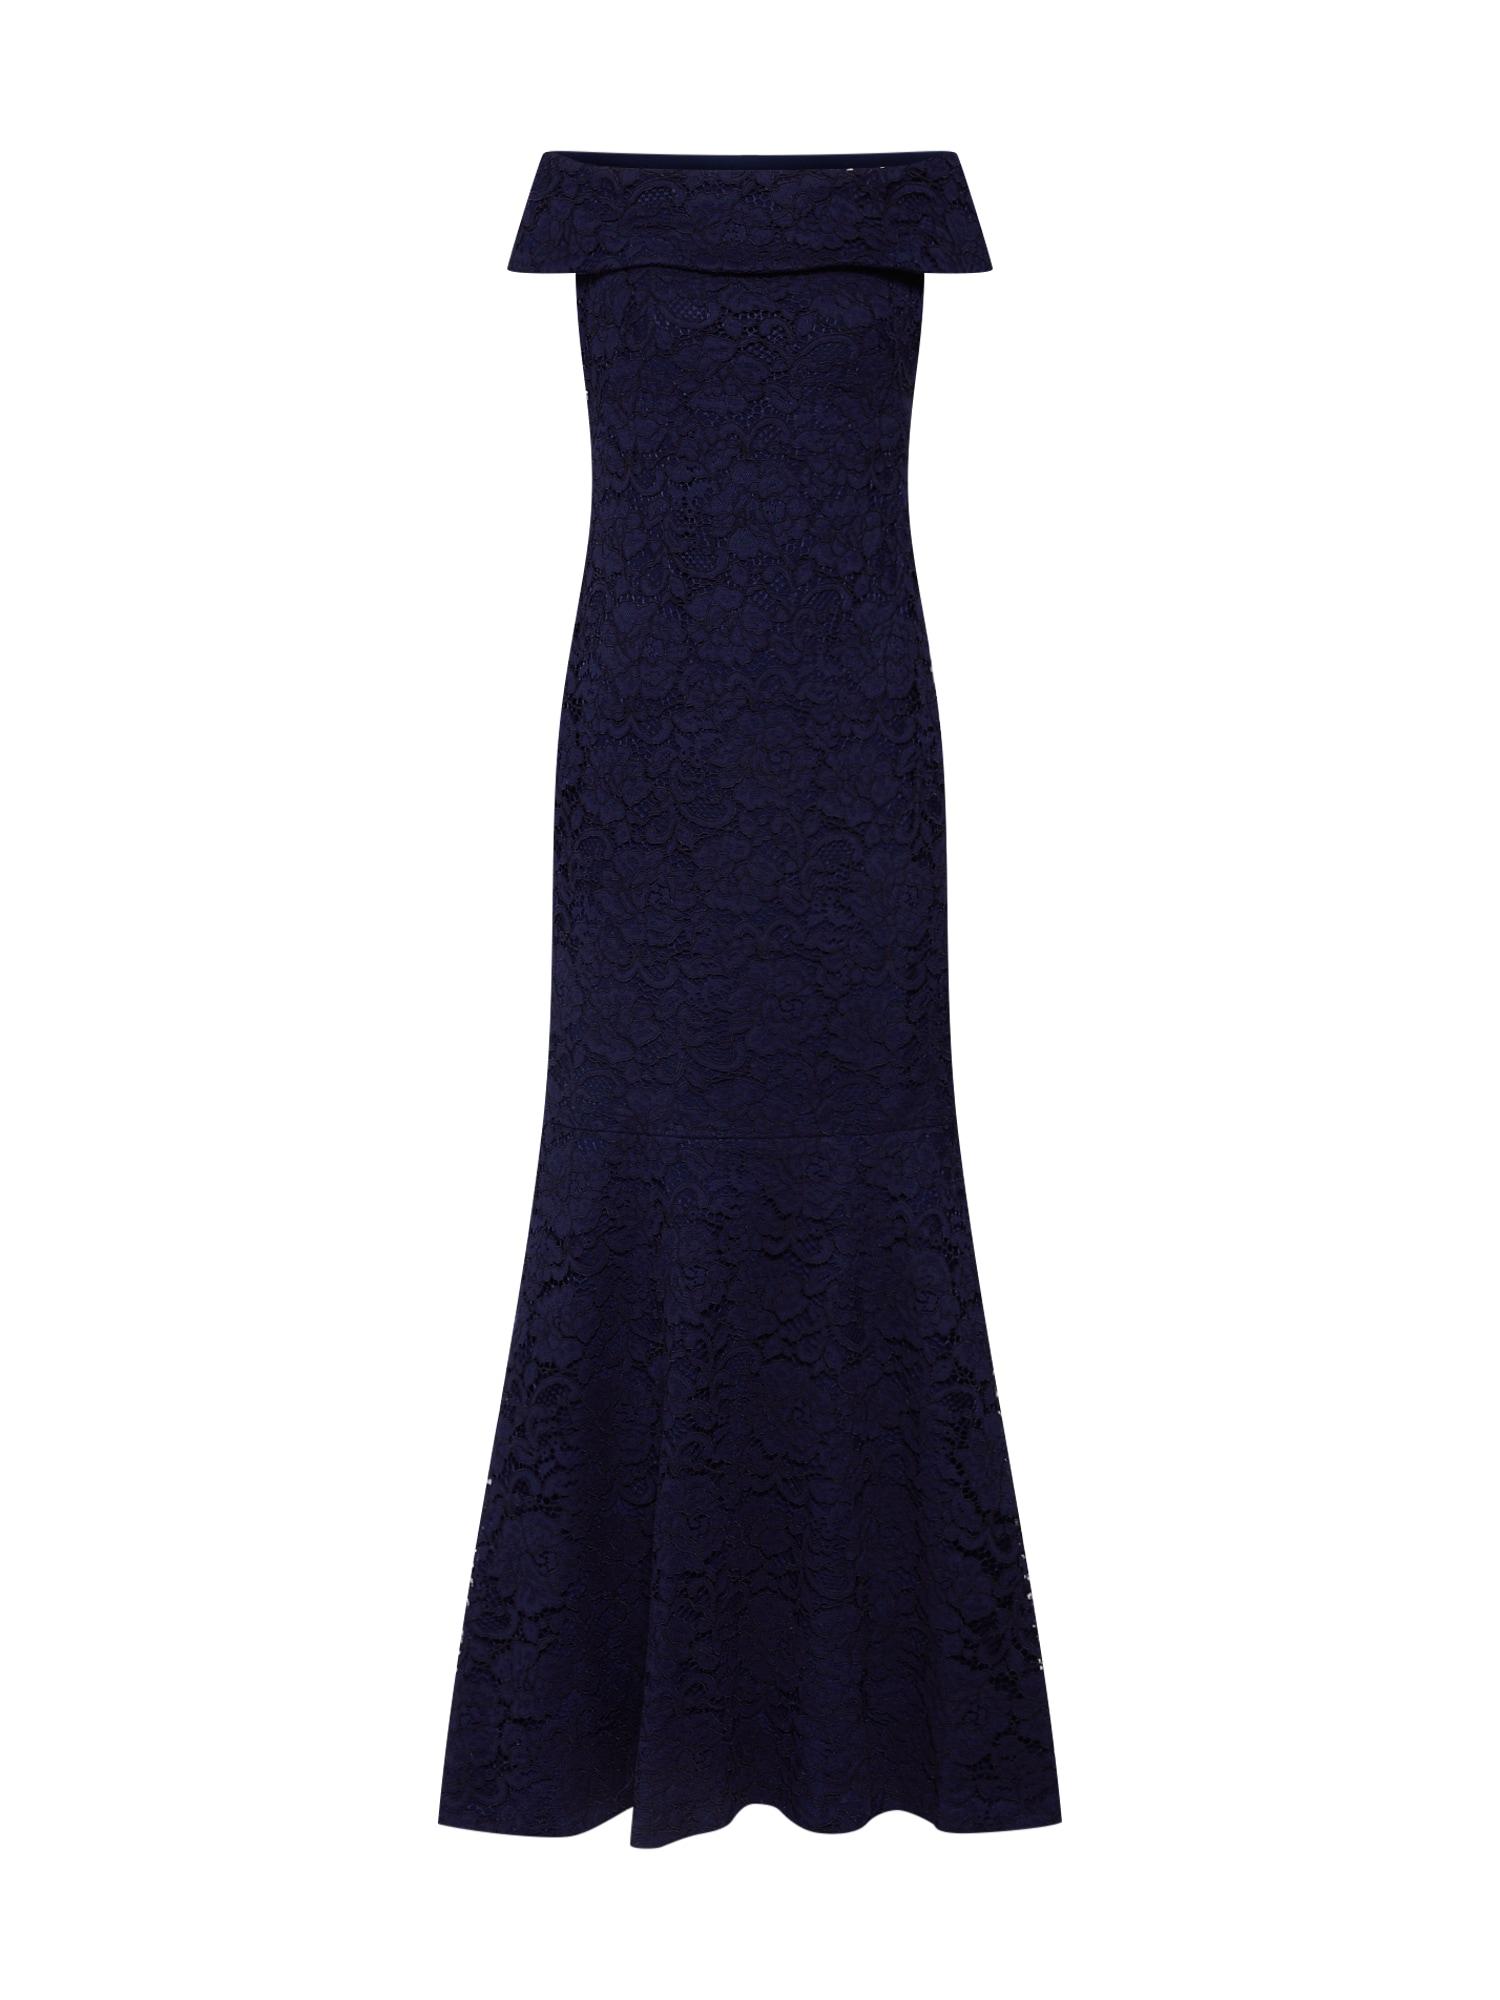 Šaty MELEE-EVENING DRESS námořnická modř Lauren Ralph Lauren